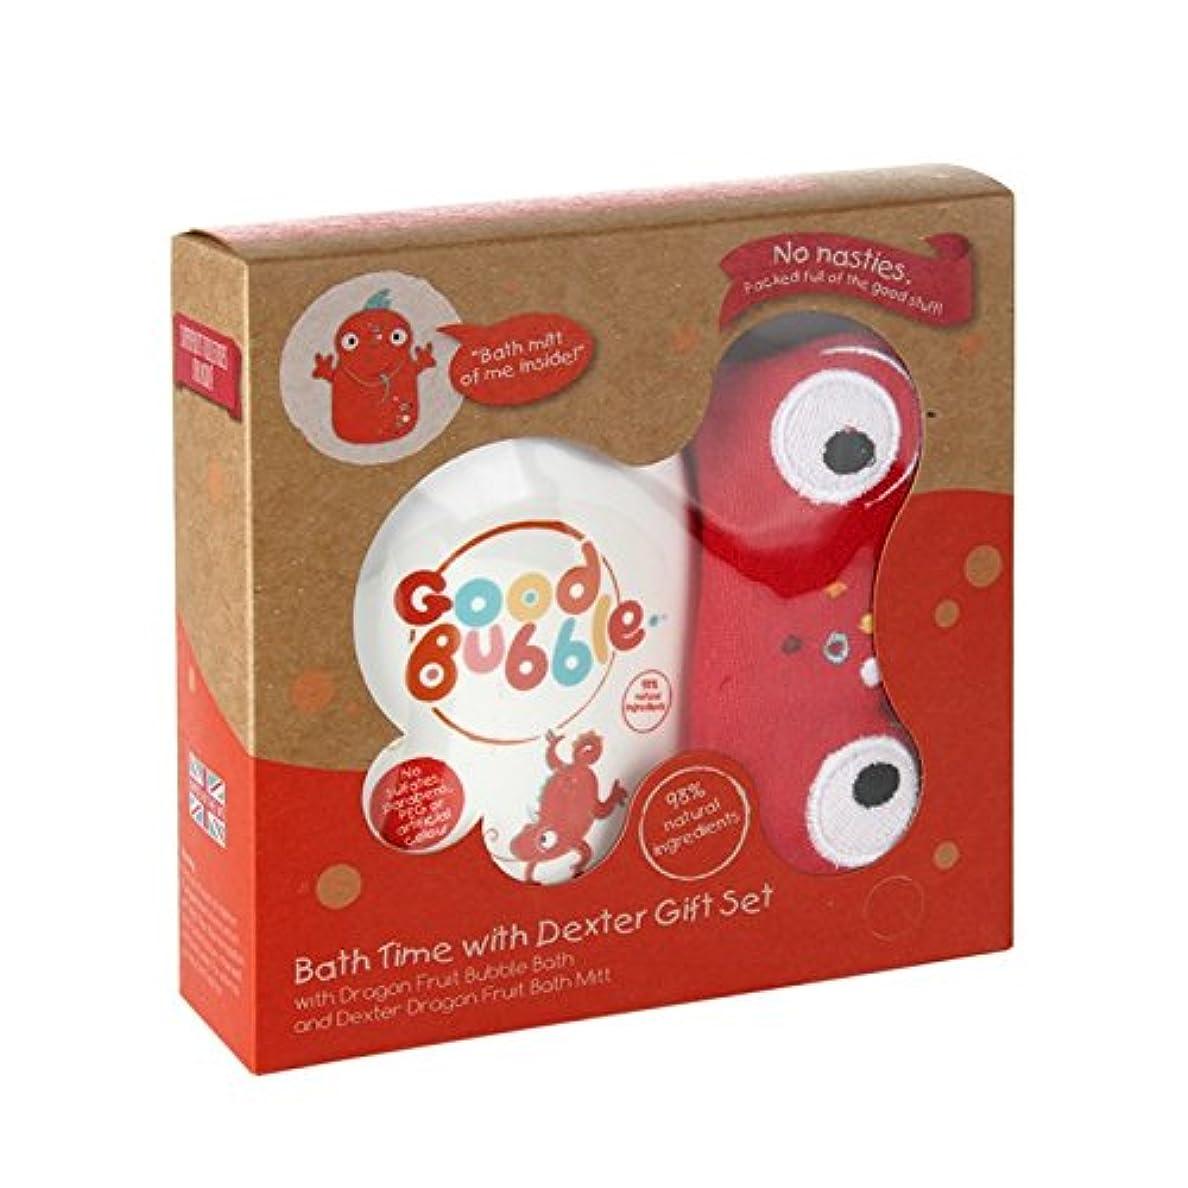 選択する拍手移植Good Bubble Dexter Dragonfruit Gift Set 550g (Pack of 6) - 良いバブルデクスターDragonfruitギフトセット550グラム (x6) [並行輸入品]